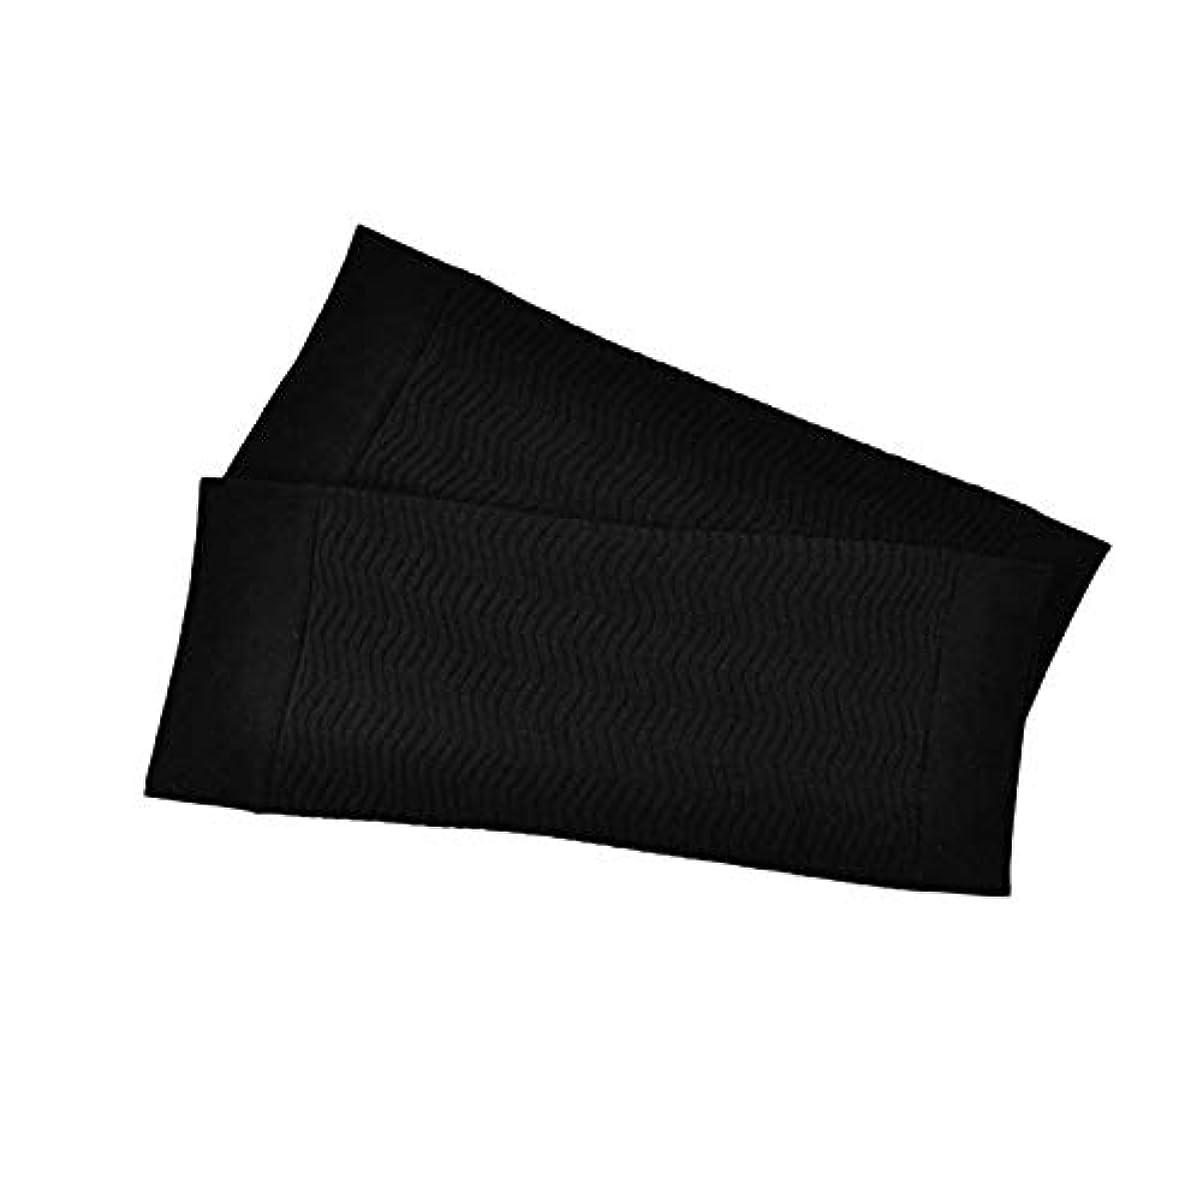 不均一聖なる食料品店1ペア680 D圧縮アームシェイパーワークアウトトーニングバーンセルライトスリミングアームスリーブ脂肪燃焼半袖用女性 - ブラック